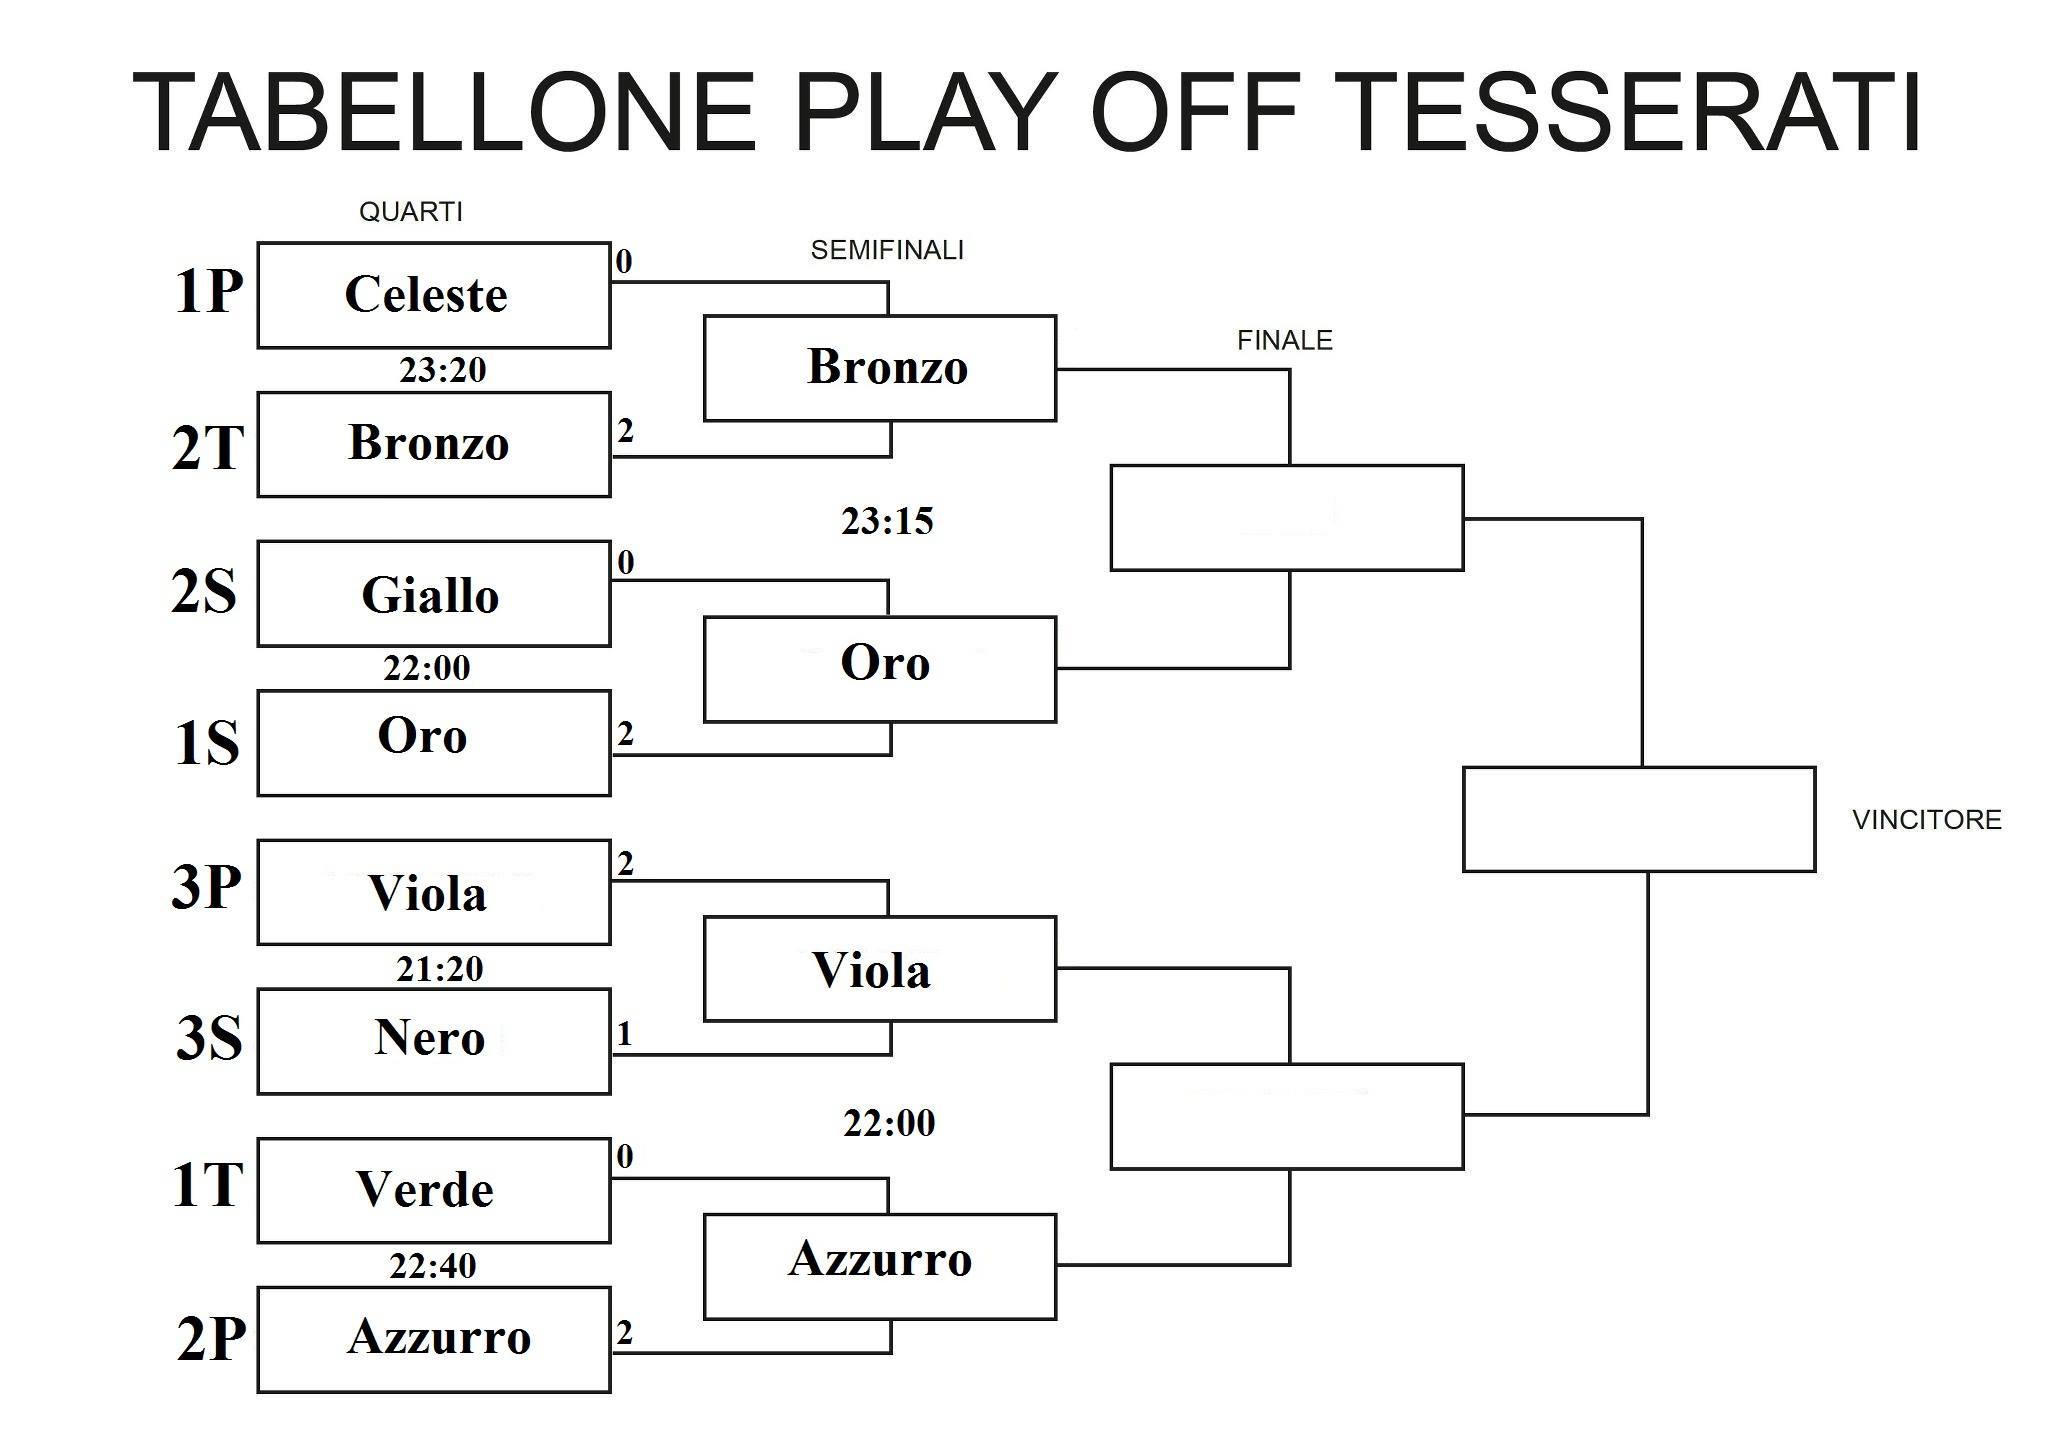 tabellone semifinali tesserati